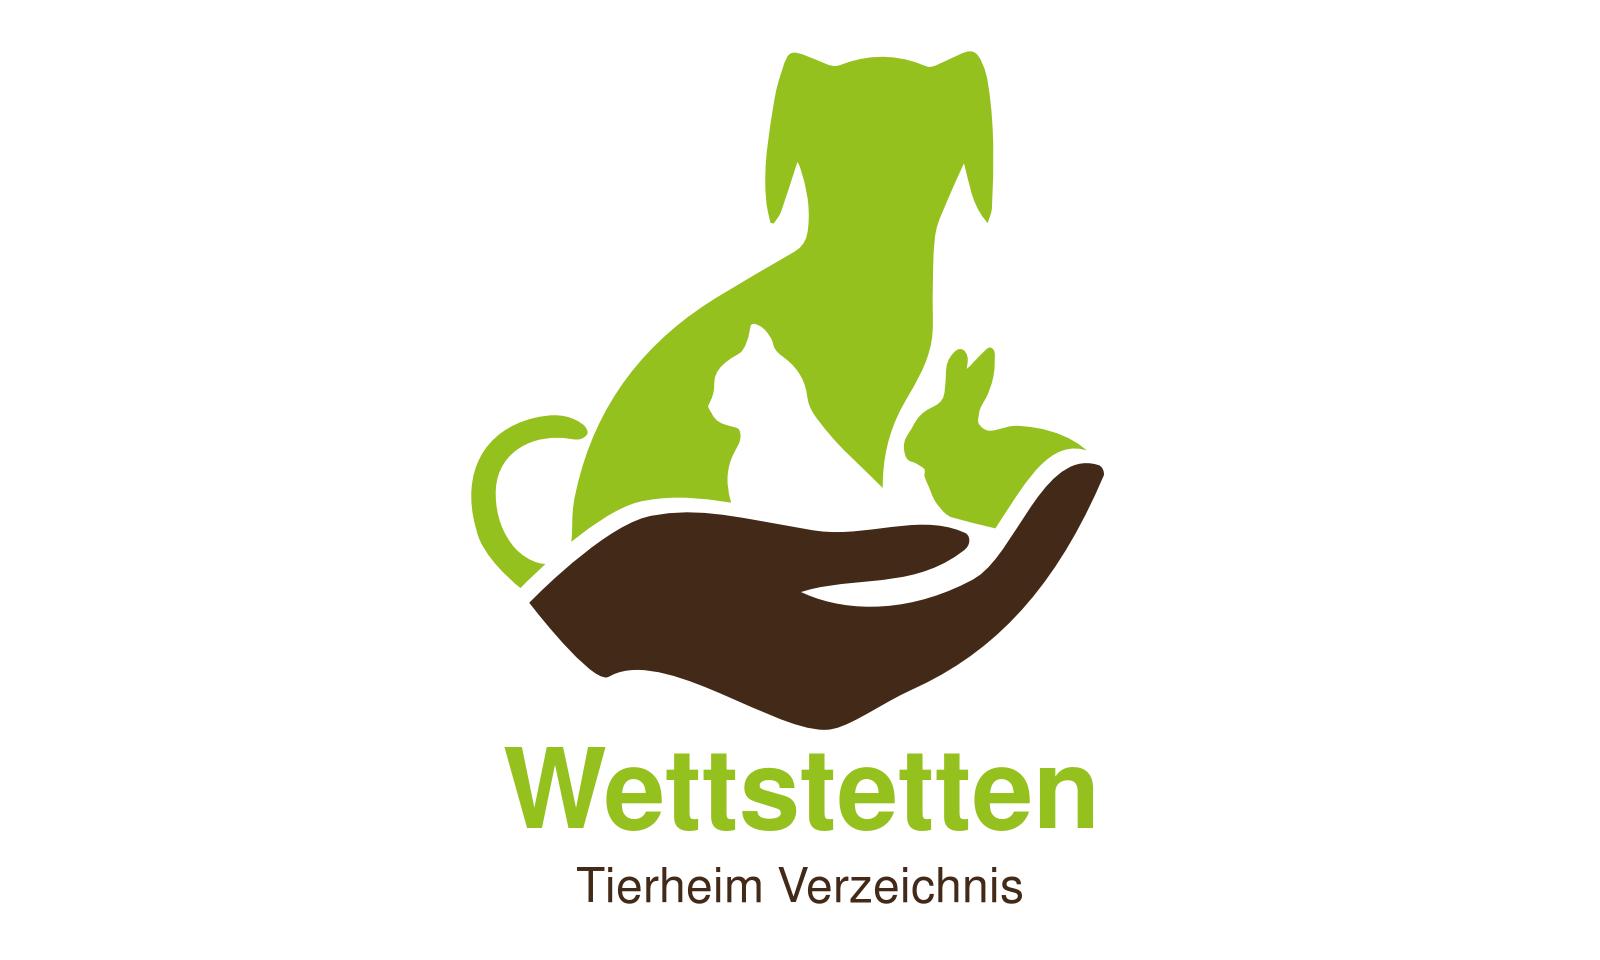 Tierheim Wettstetten